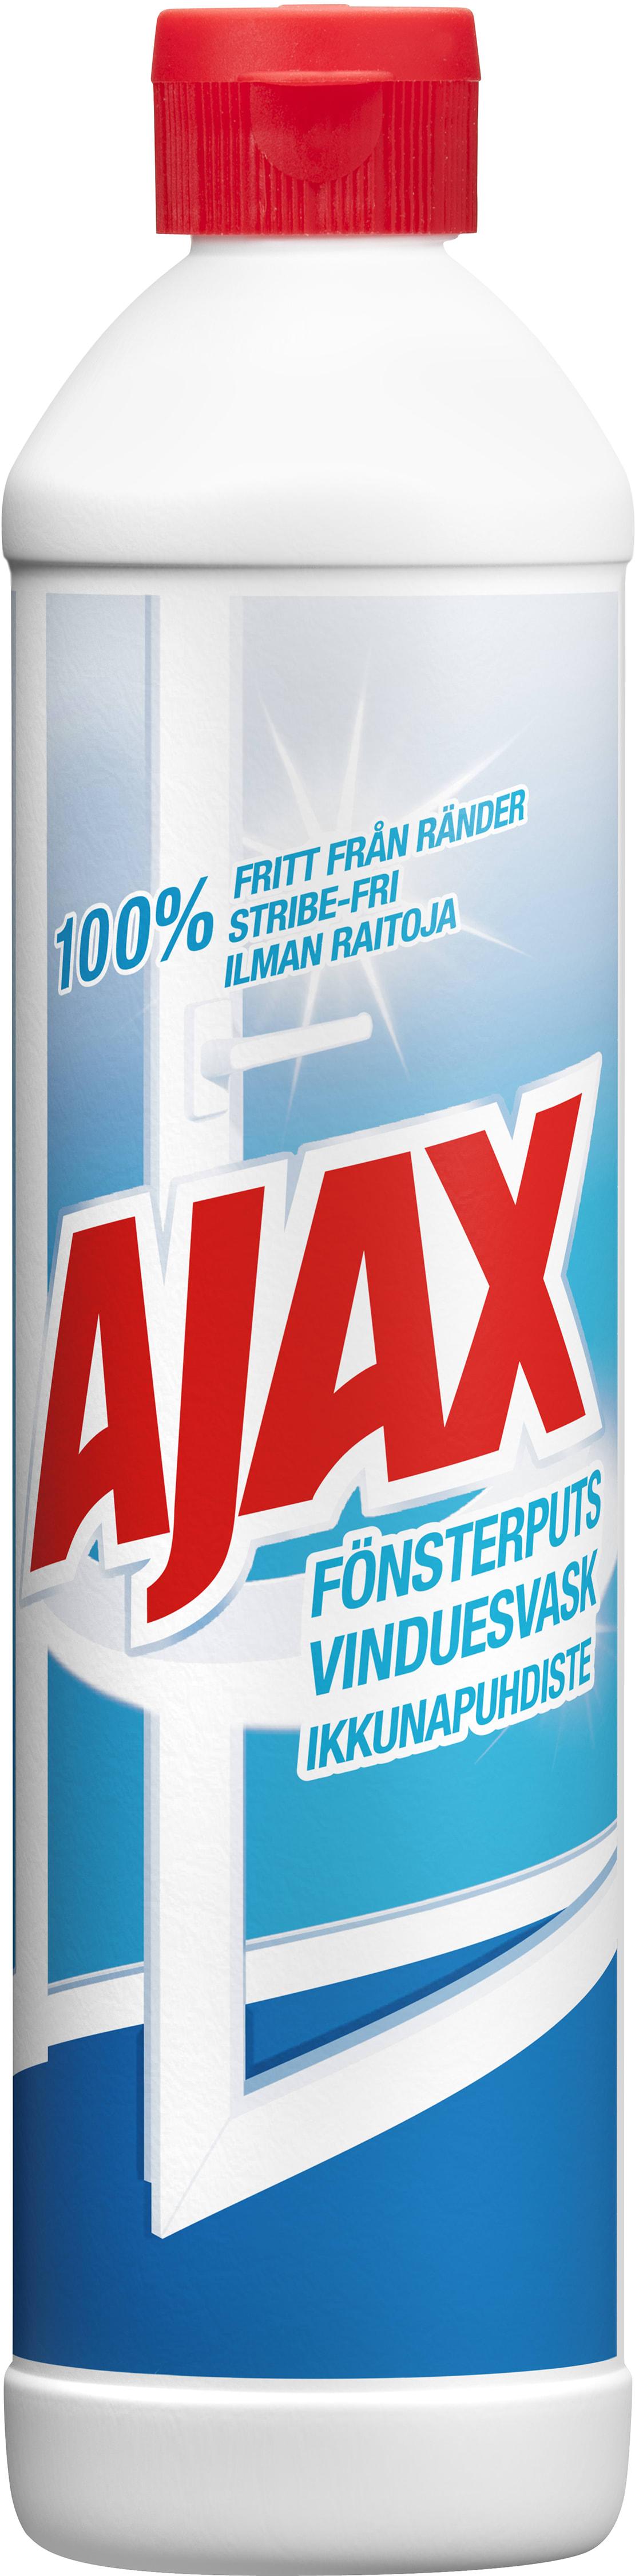 ajax fönsterputs innehåll